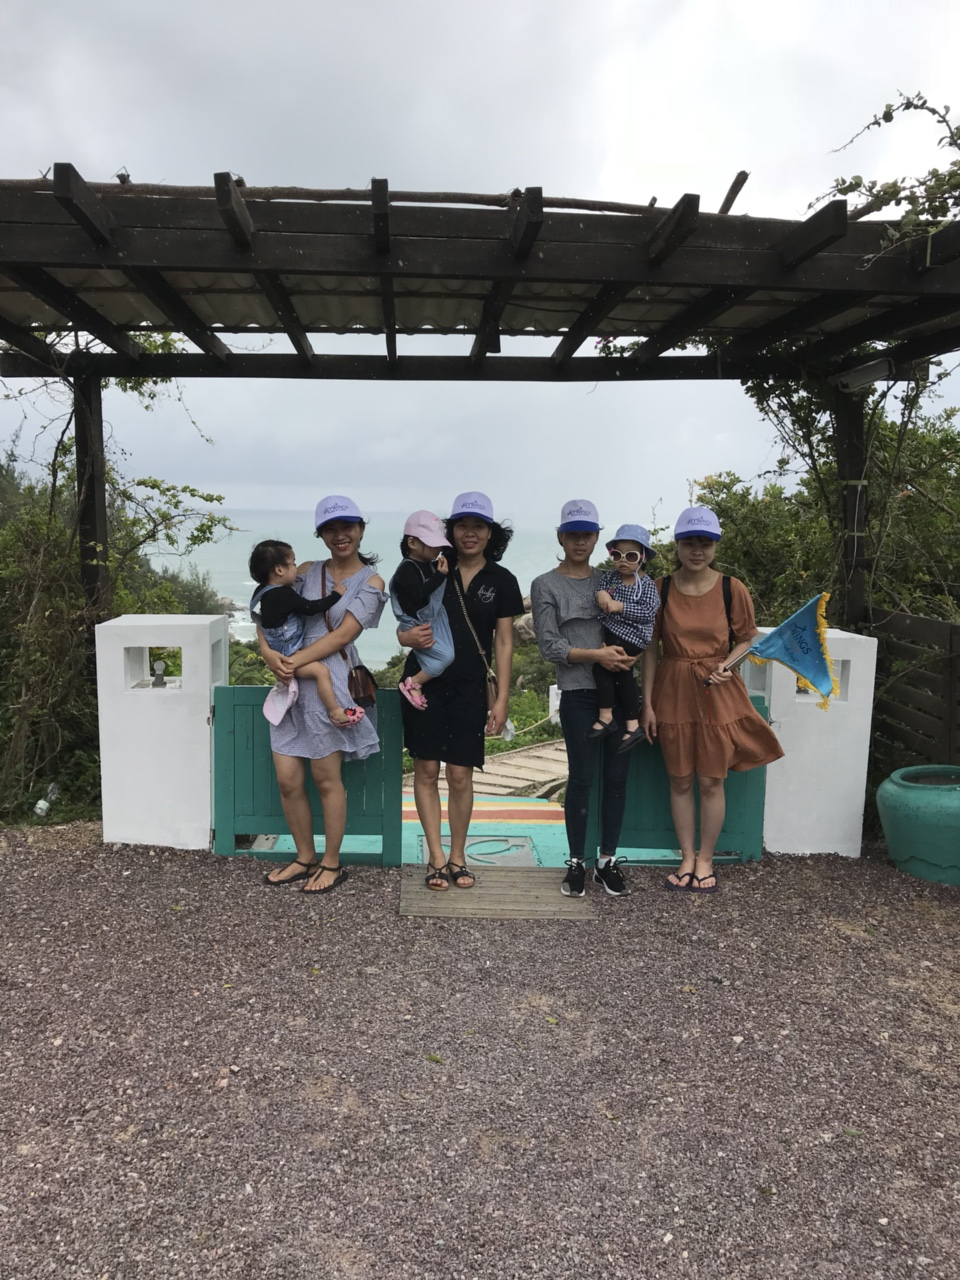 khu dã ngoại Trung Lương Bình Định